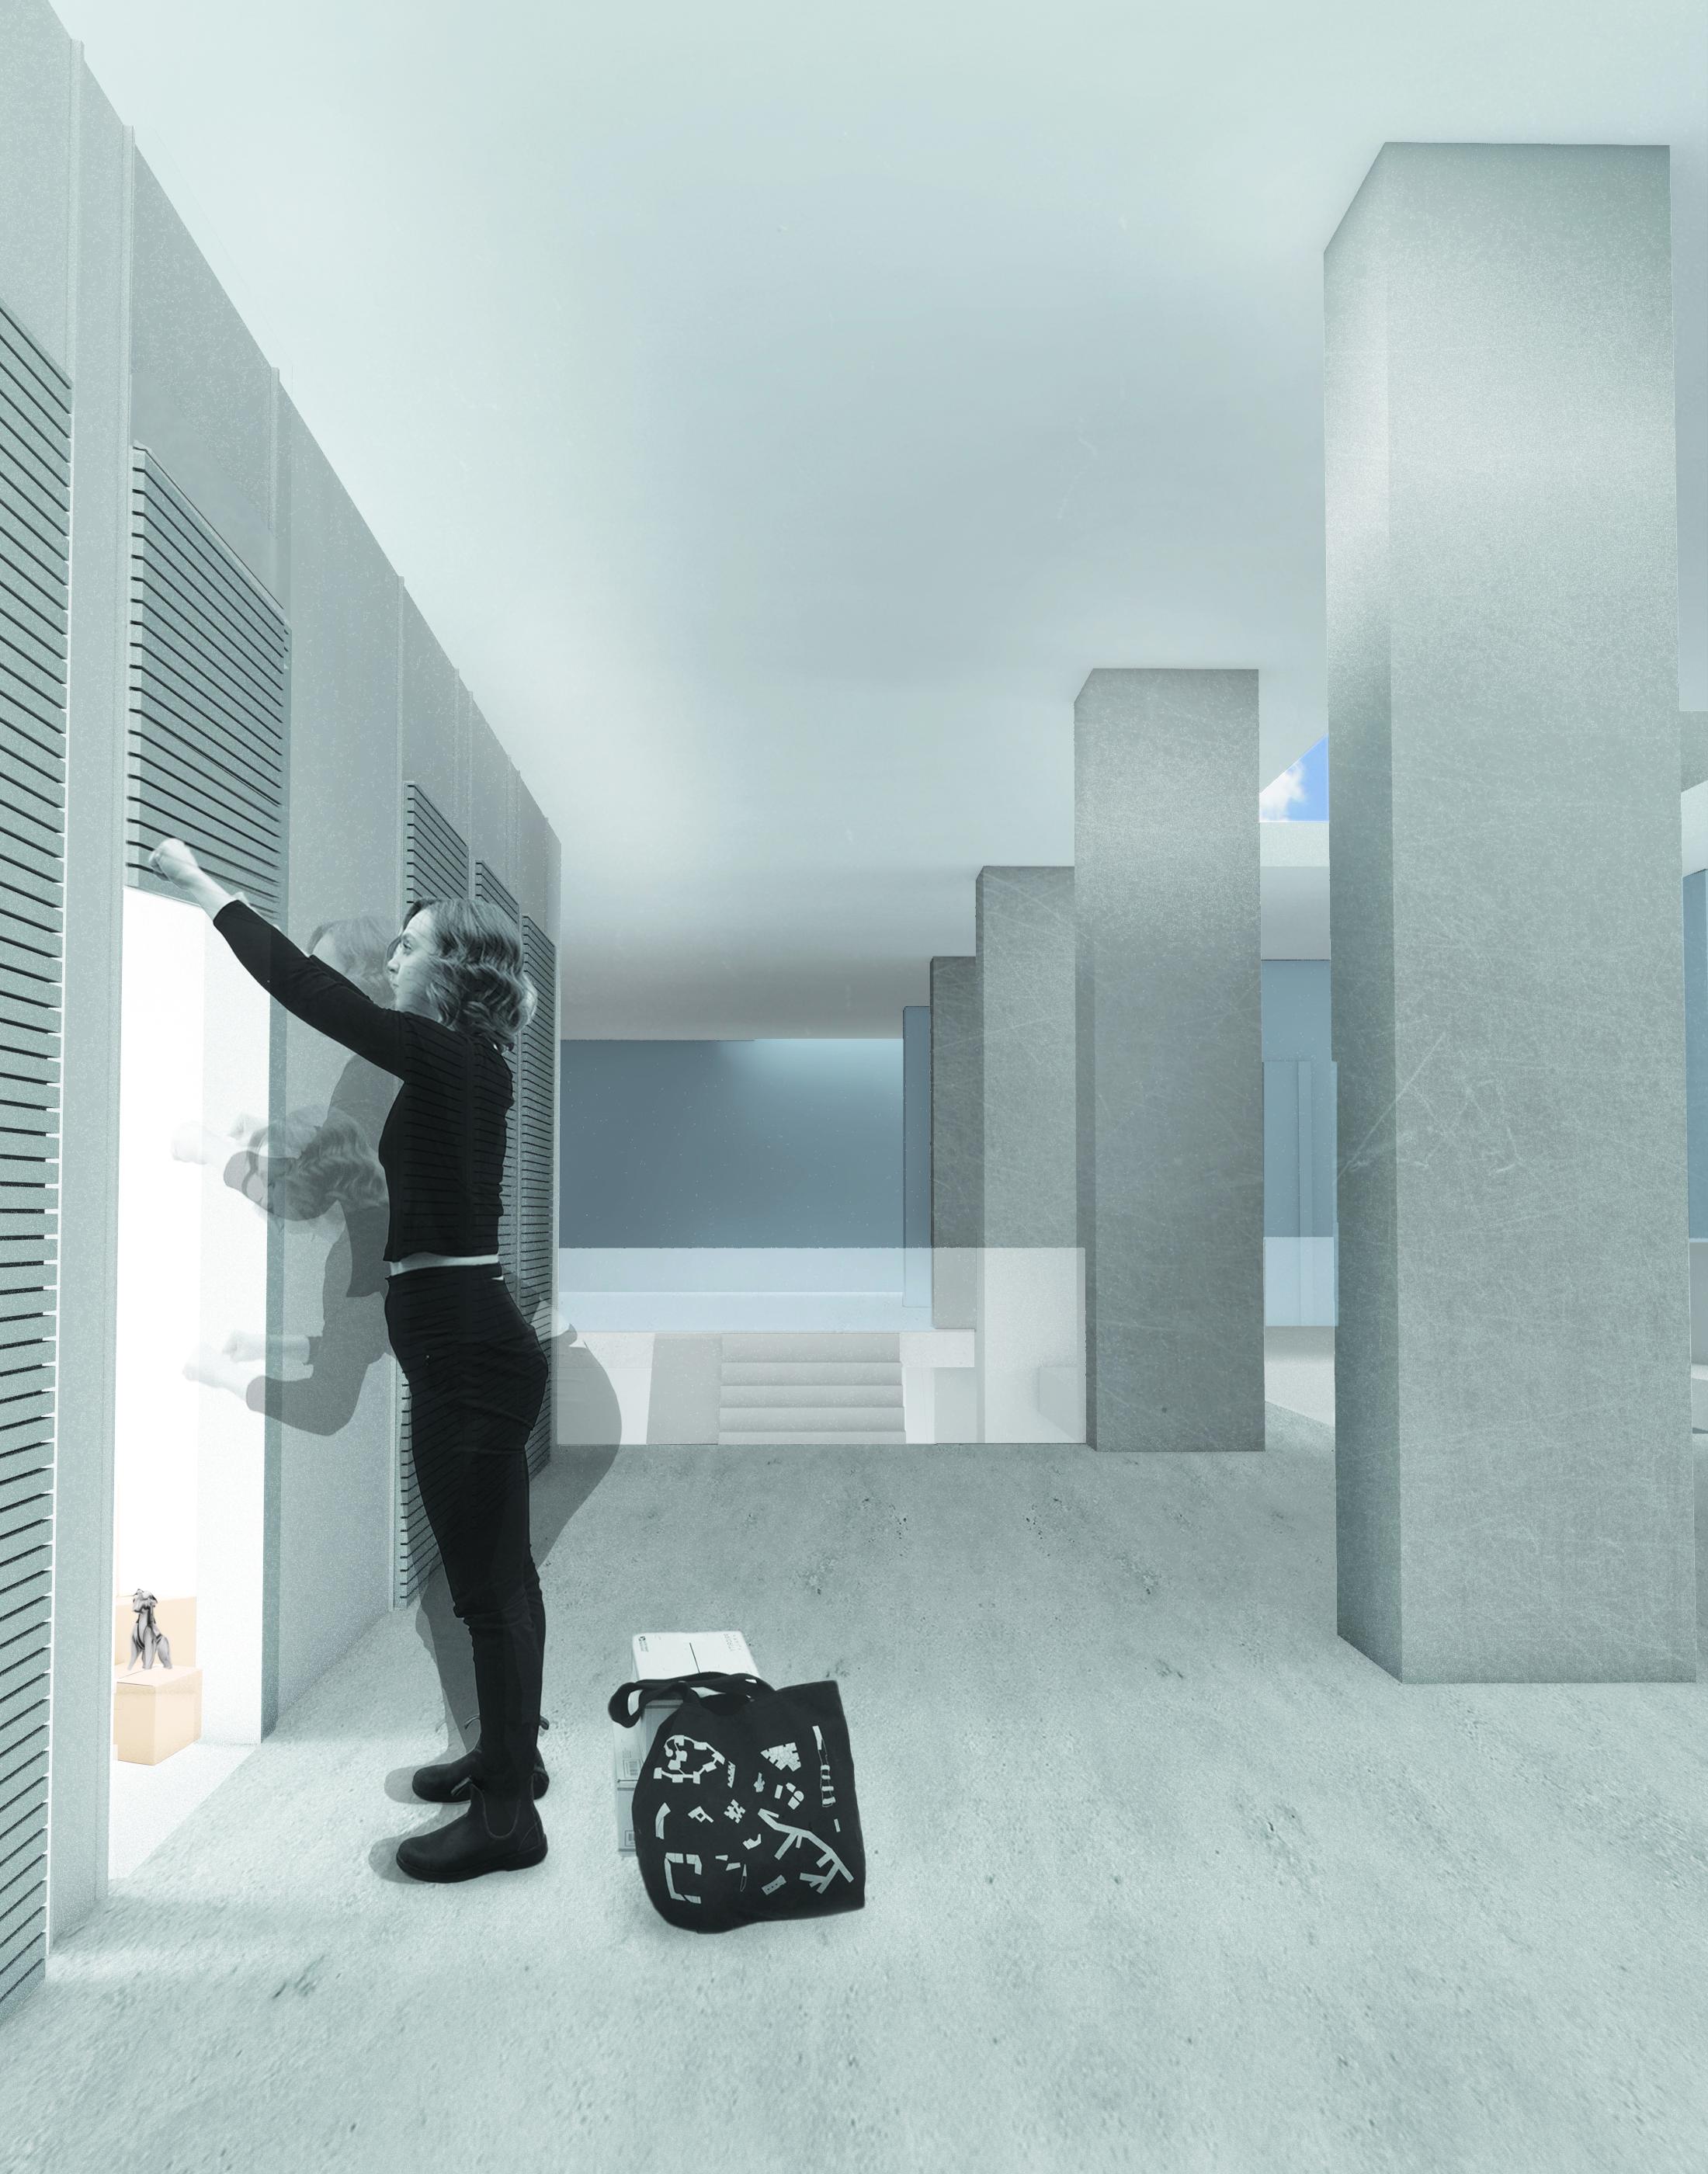 II_daylight locker render.jpg